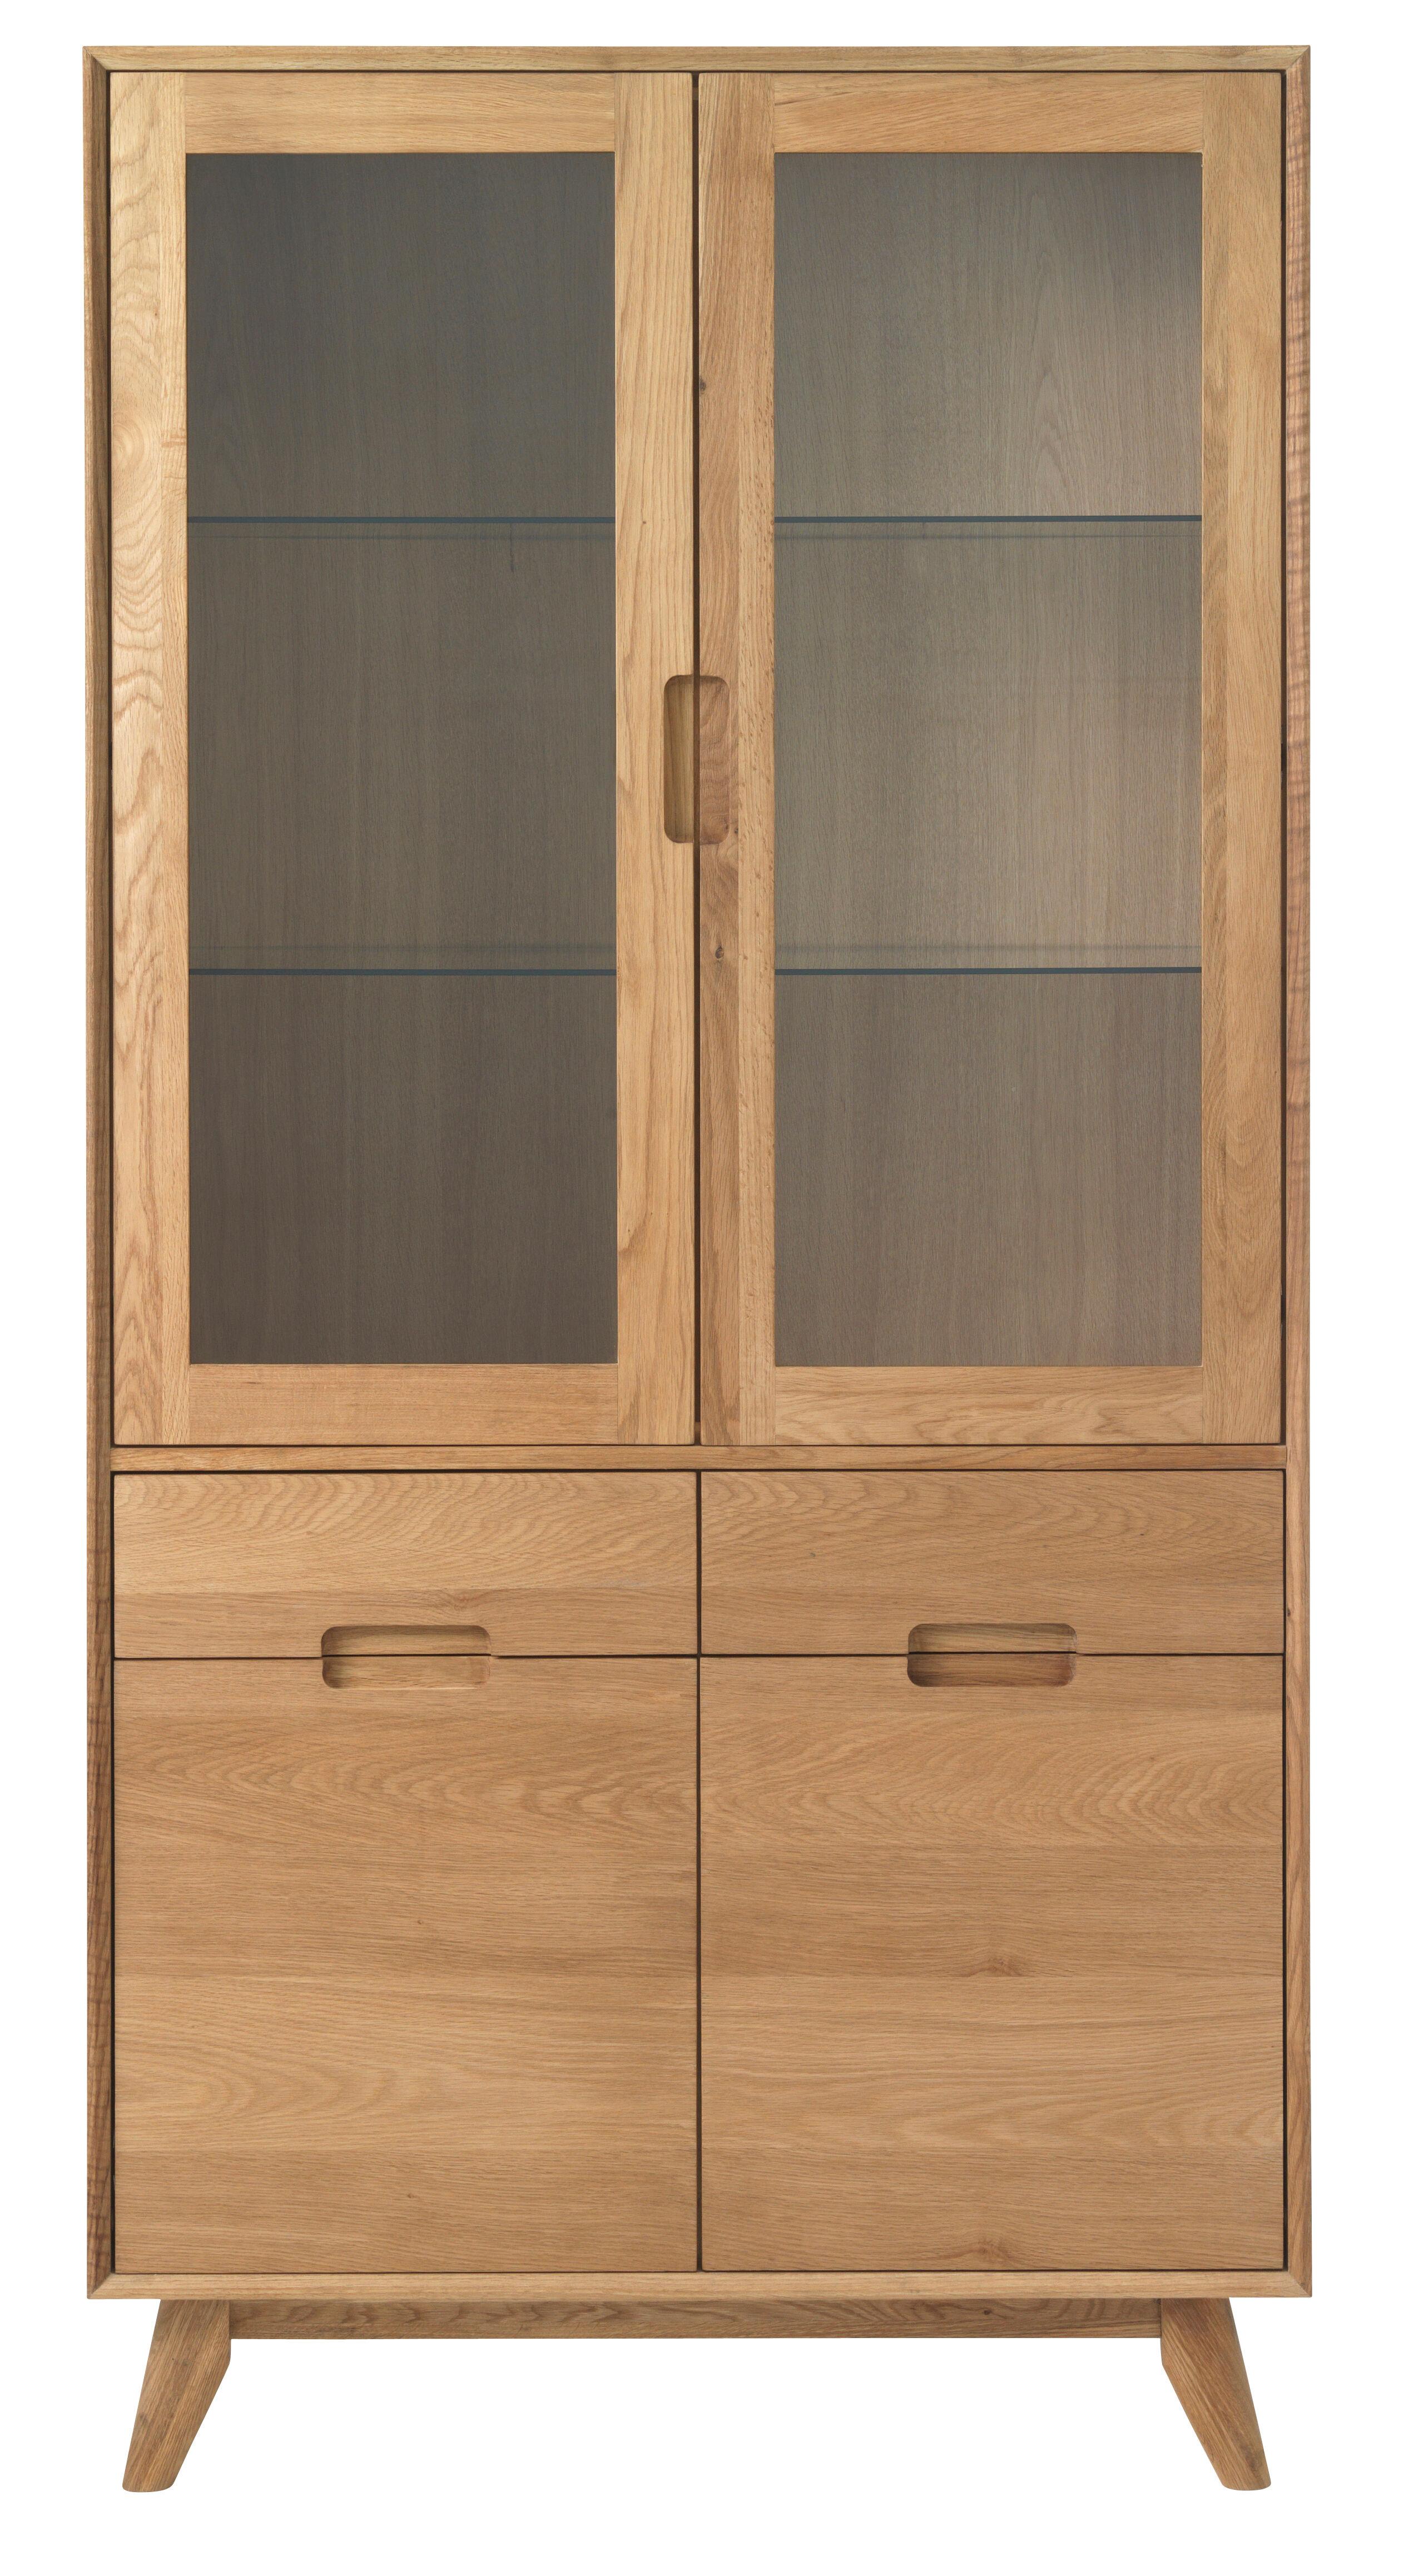 Rhoda vitrine med 2 glassdører og 2 tredører i massiv og finert eik med lakk.